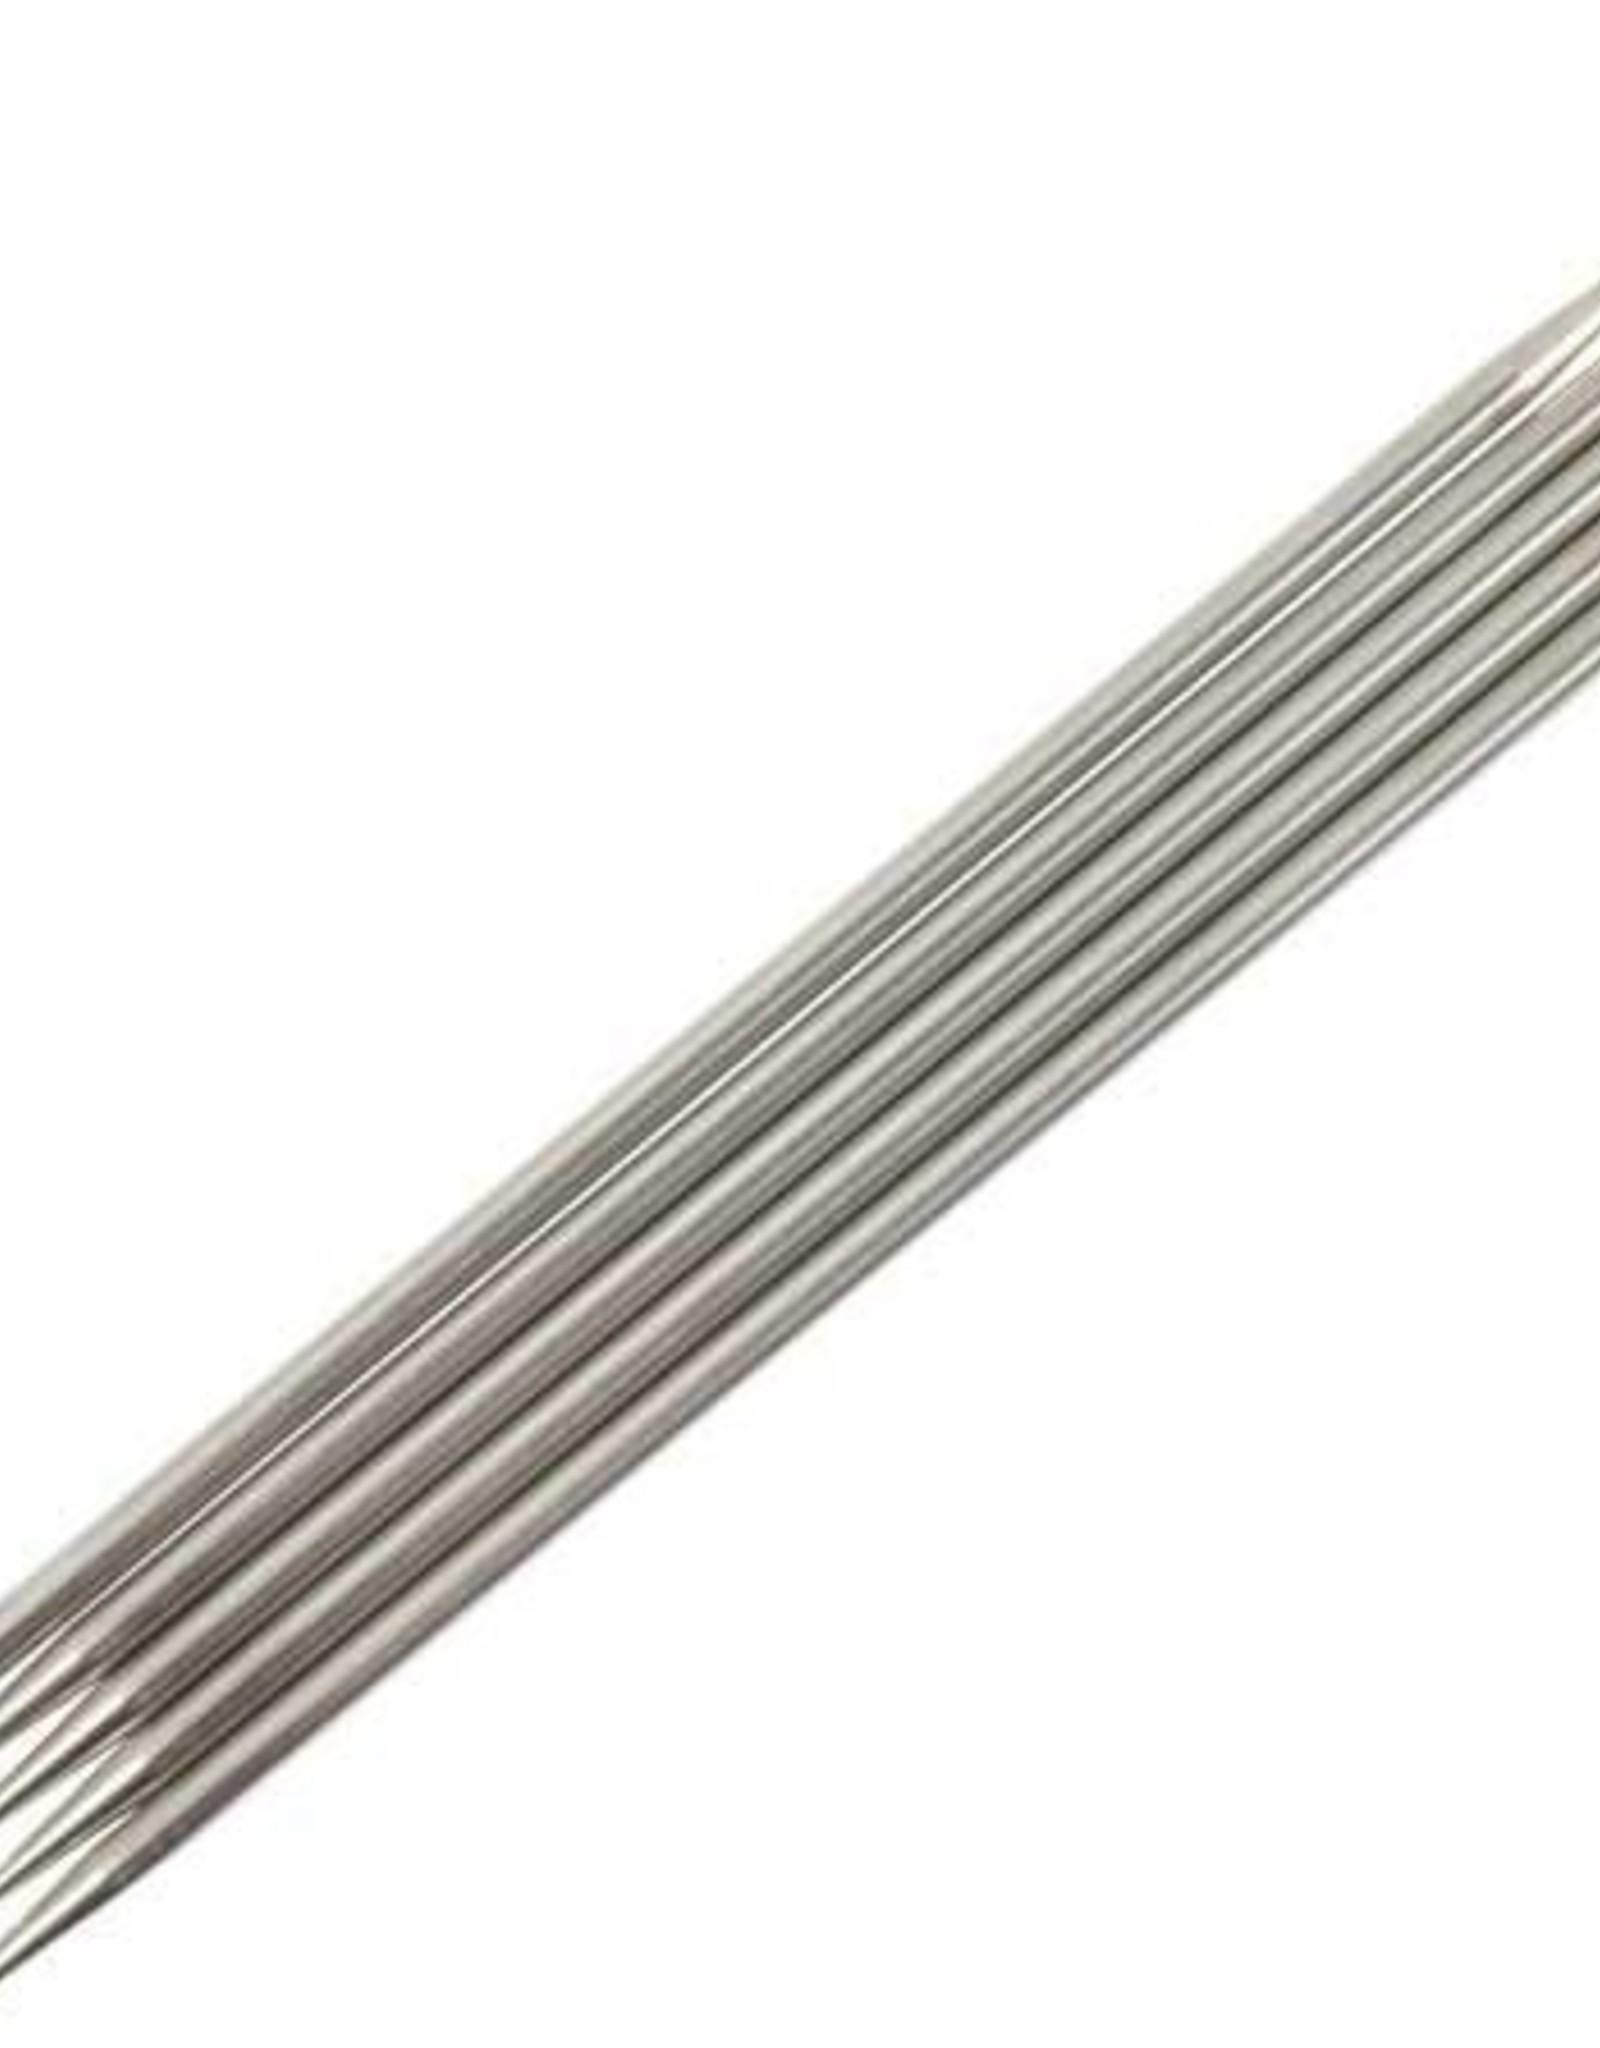 """Hiya Hiya 6"""" Steel Double Pointed Needles by HiyaHiya"""